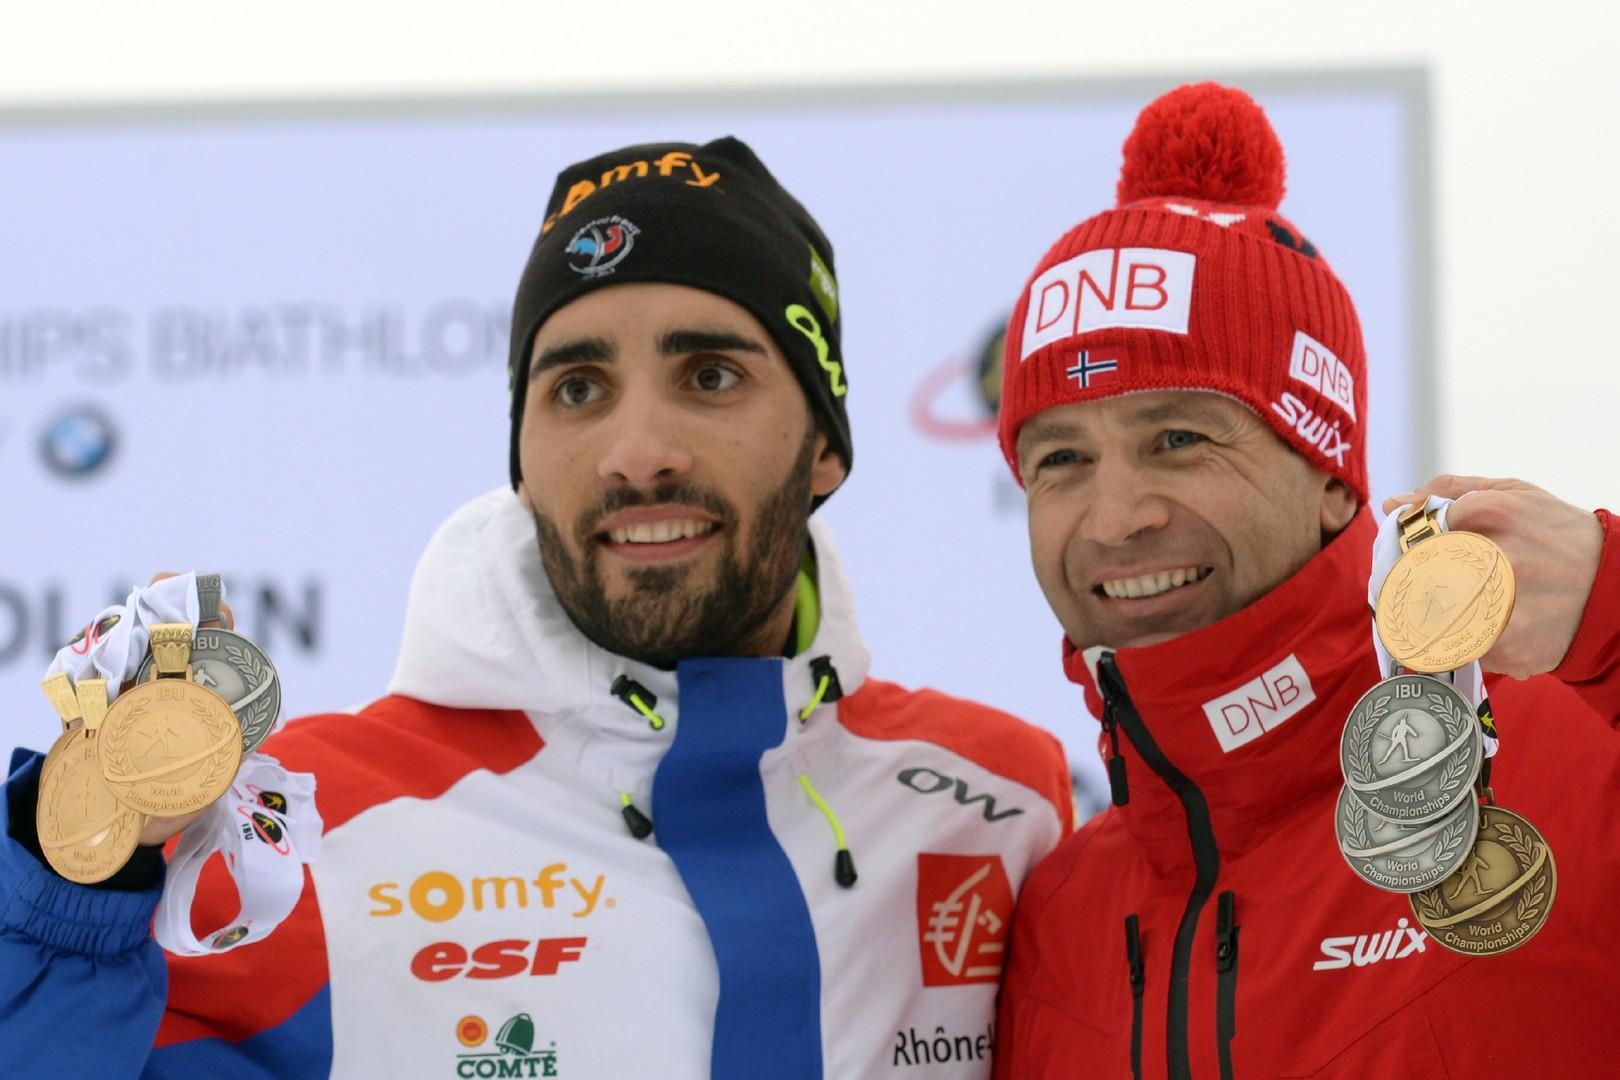 Фуркад потеснил Бьорндалена: француз побил один из самых главных рекордов в биатлоне